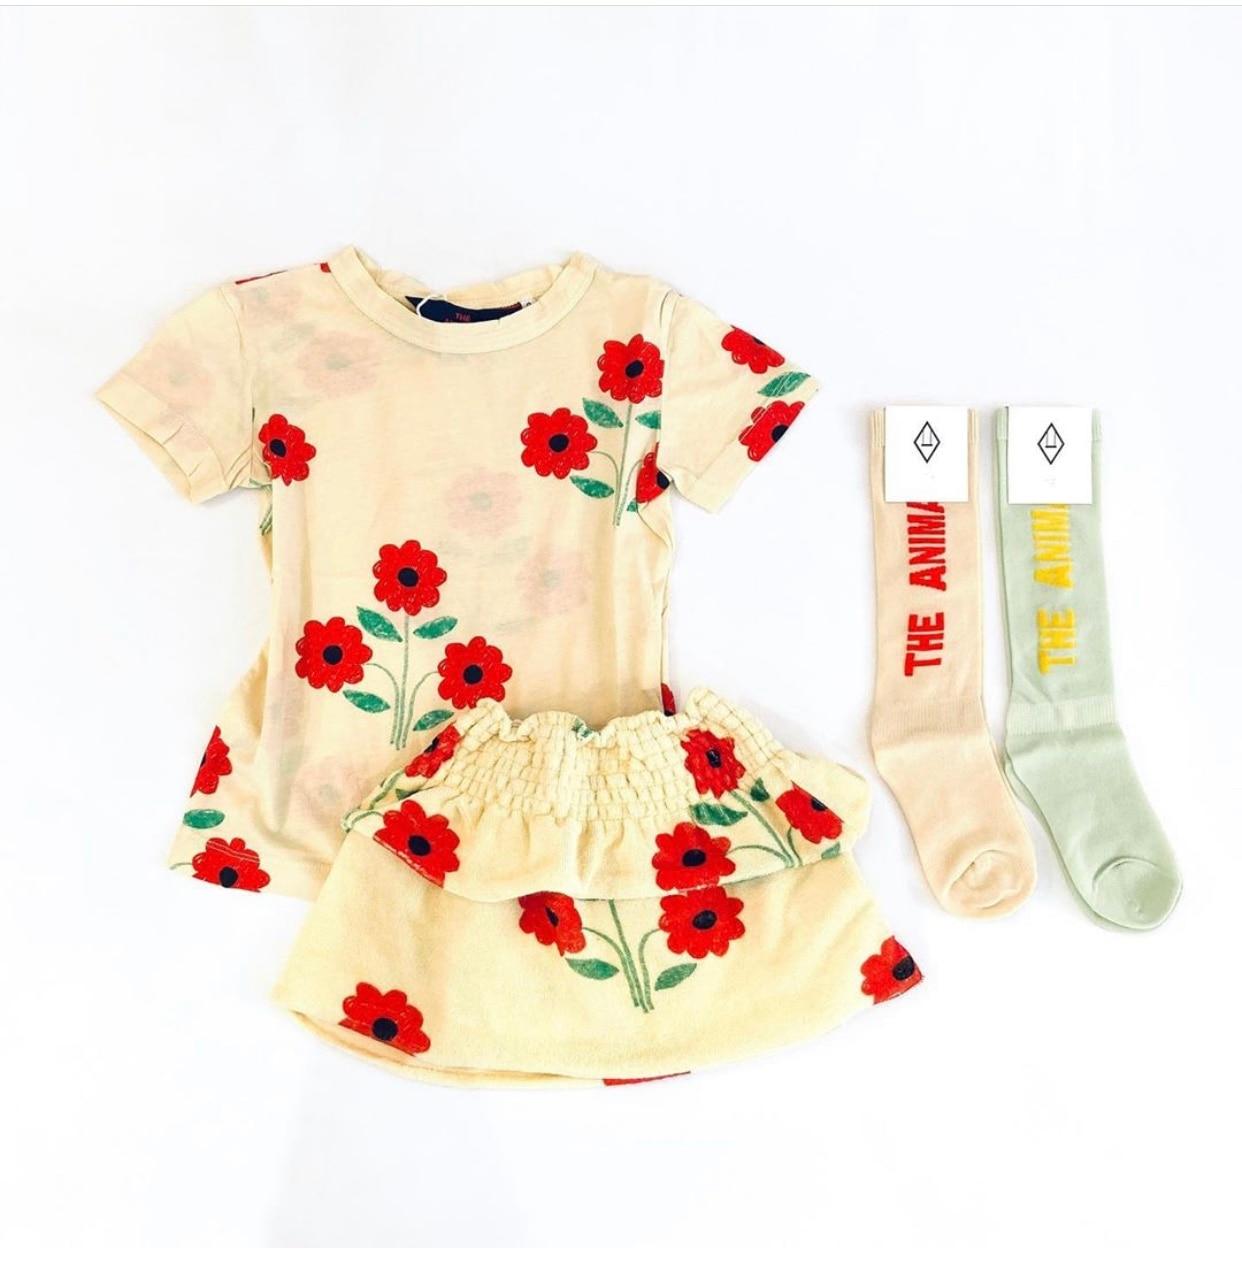 Kids Tube Socks Spring Autumn 2021 New TAO Brand Toddler Girls Fashion Spain Design Infant Baby Knee High Socks Girls Boy Socks 6